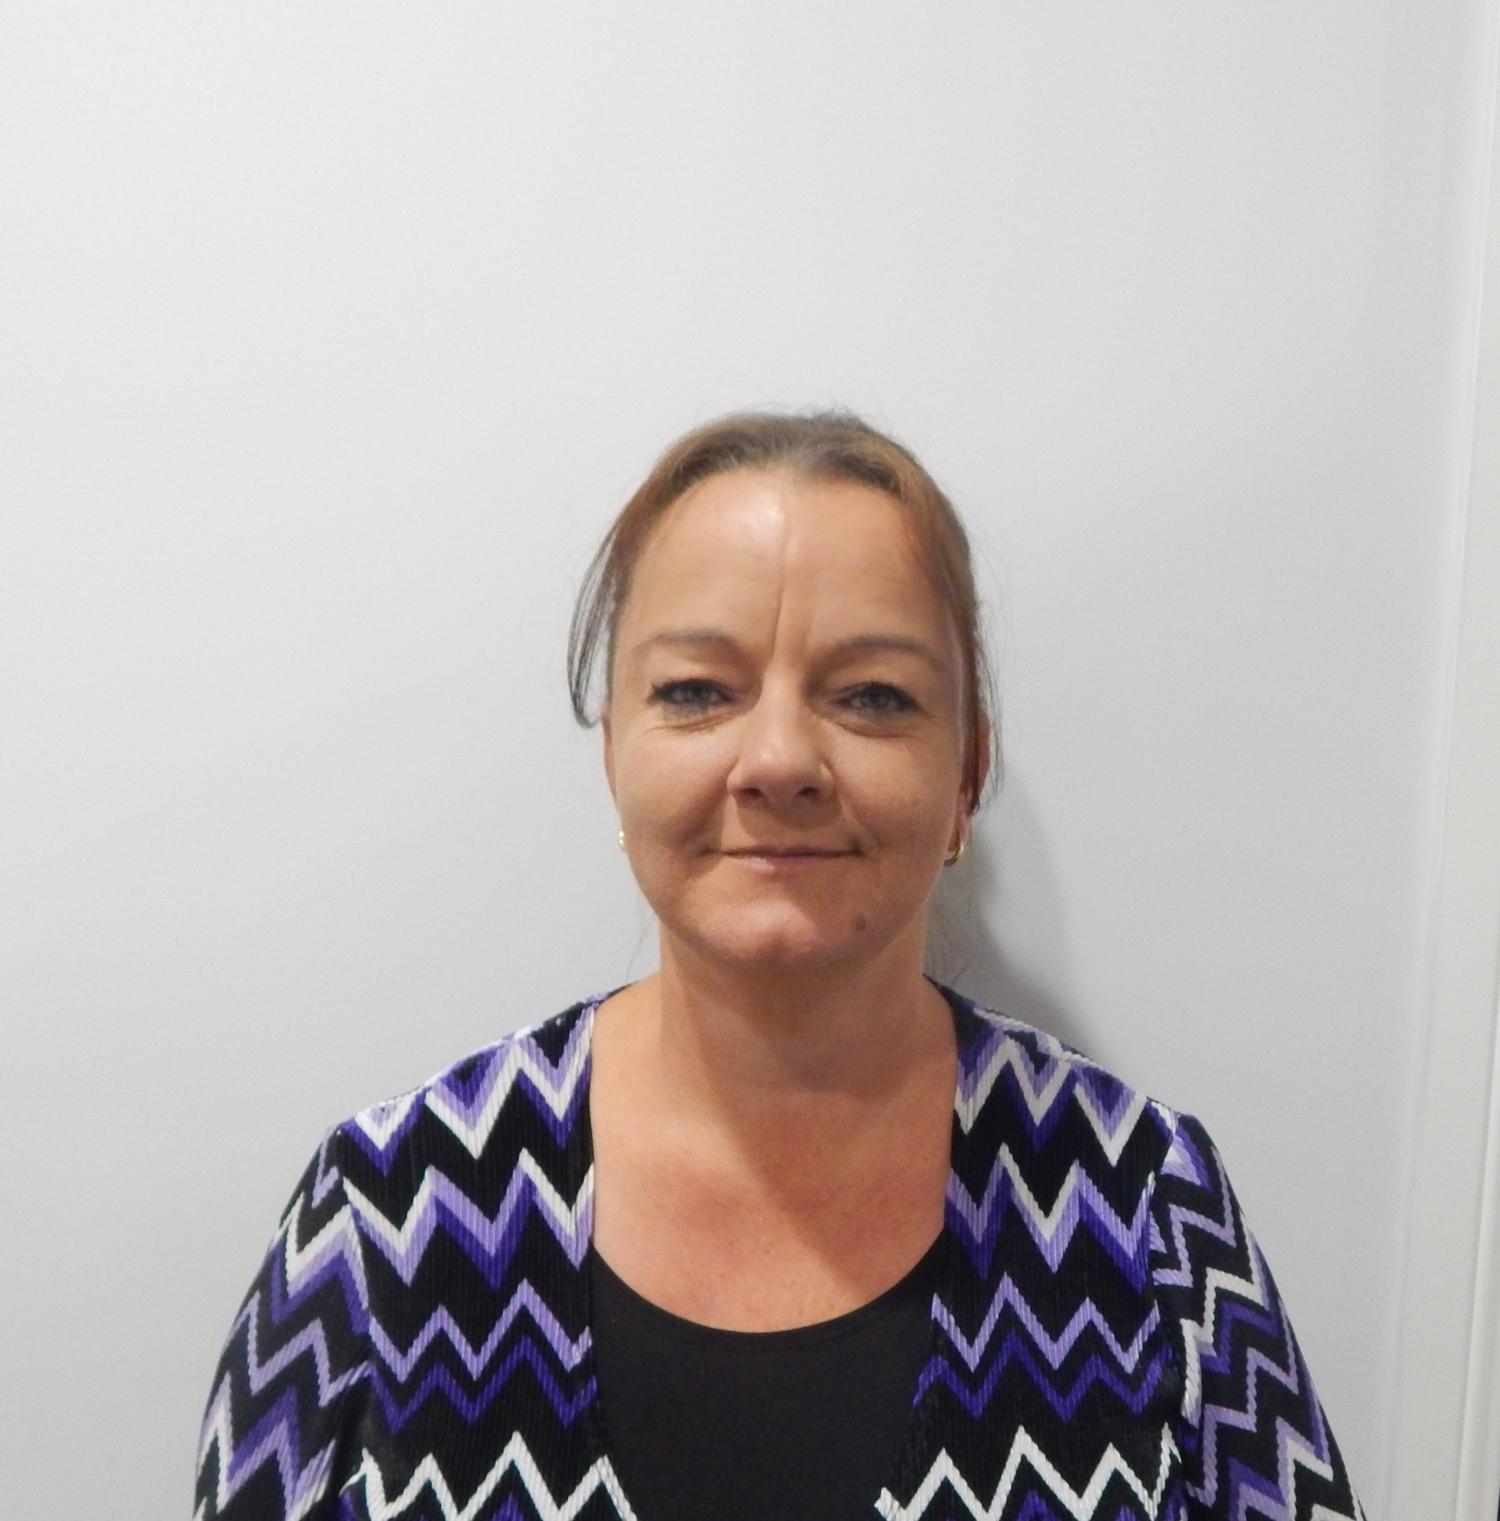 Picture of Rita van der Craght